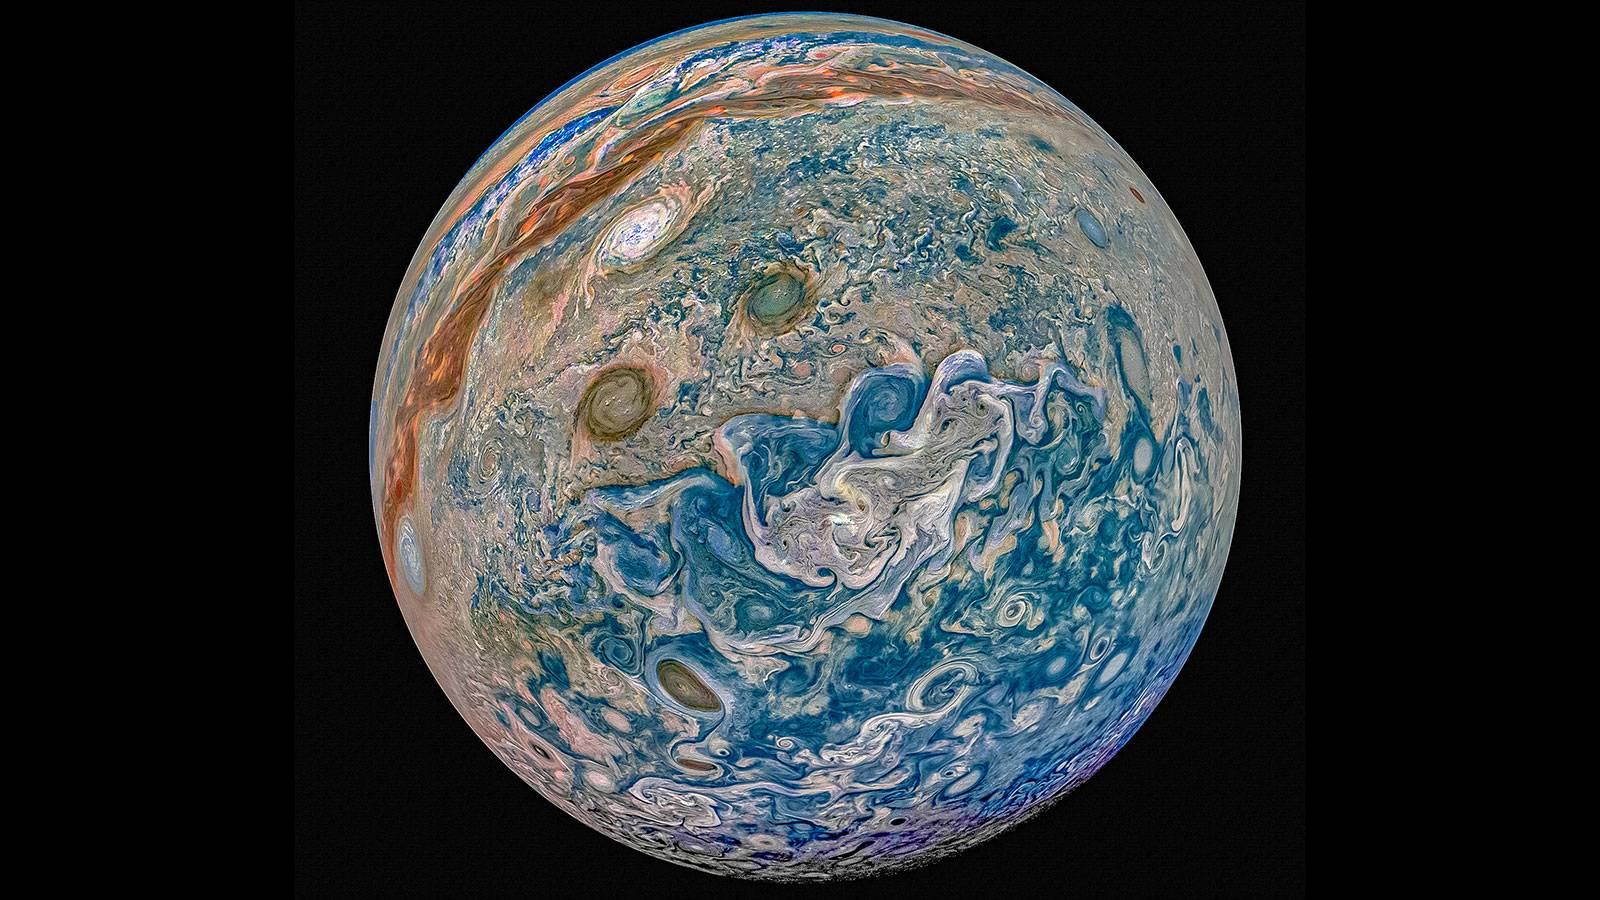 Planeta Jupiter nasa descoperire